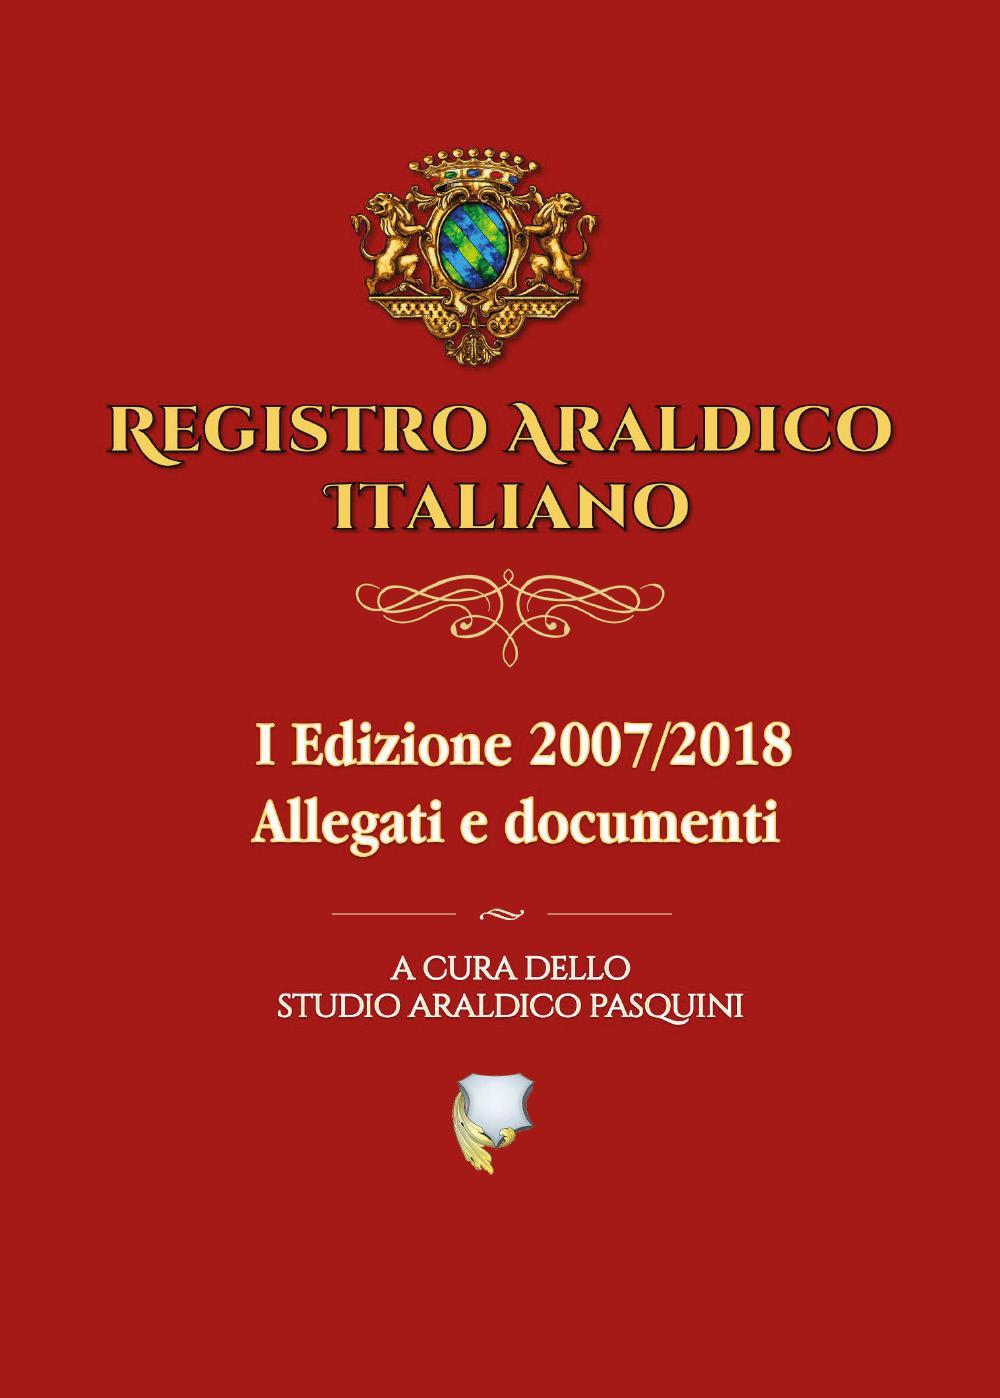 Registro Araldico Italiano - I Edizione - Vol. 2